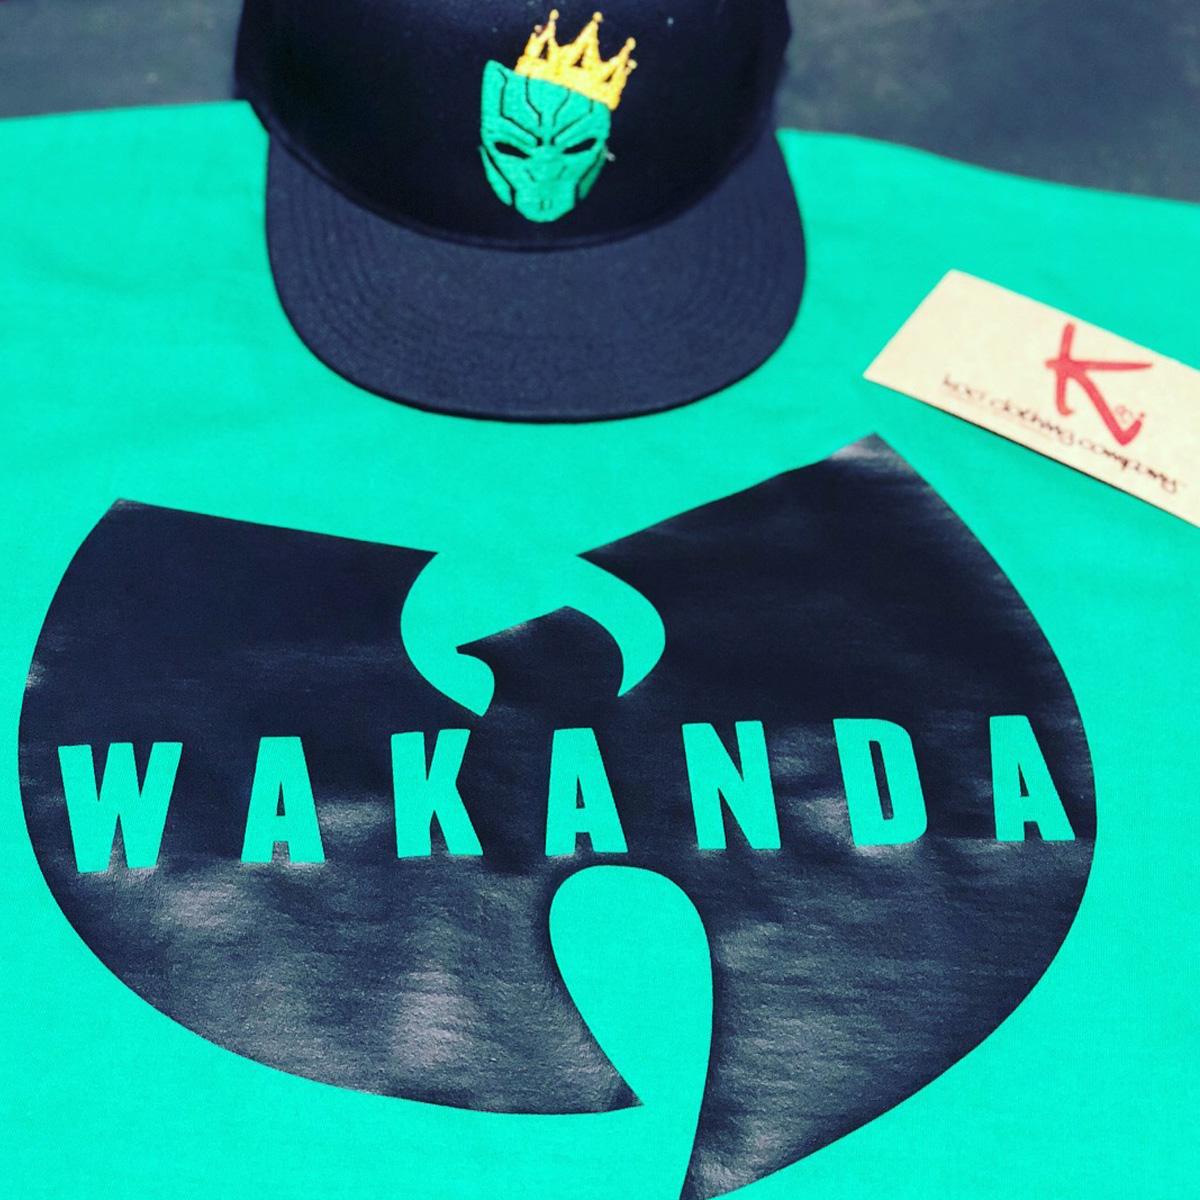 WAKANDA - WU